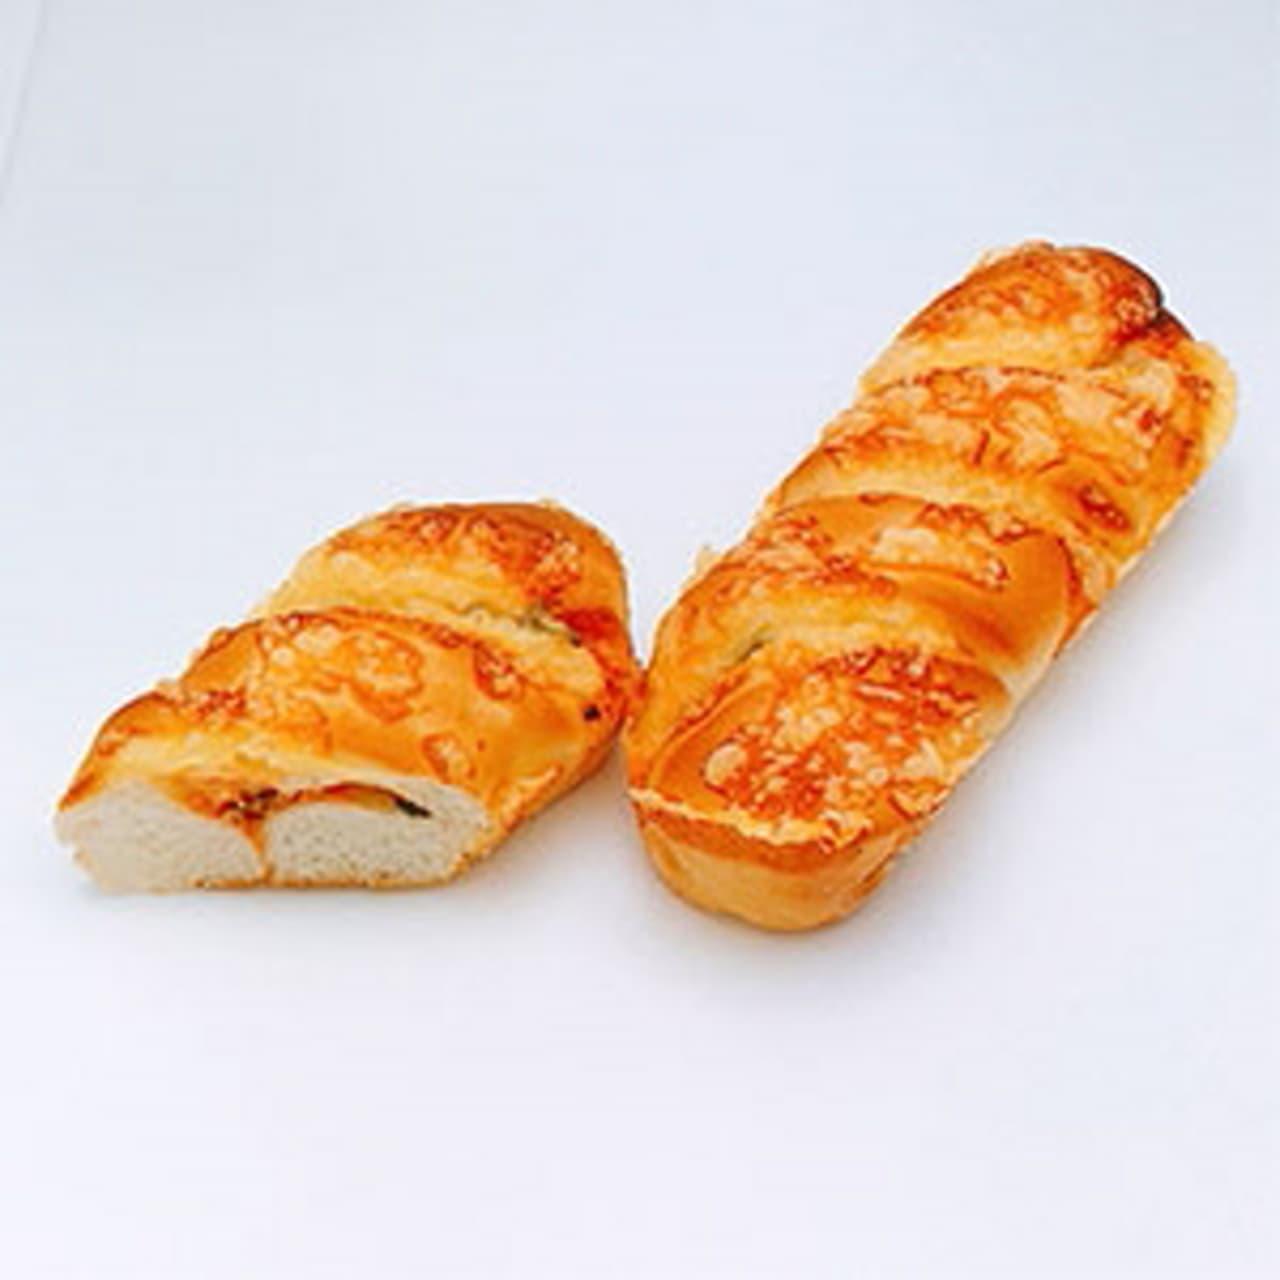 木村屋總本店8月の新作パンまとめ